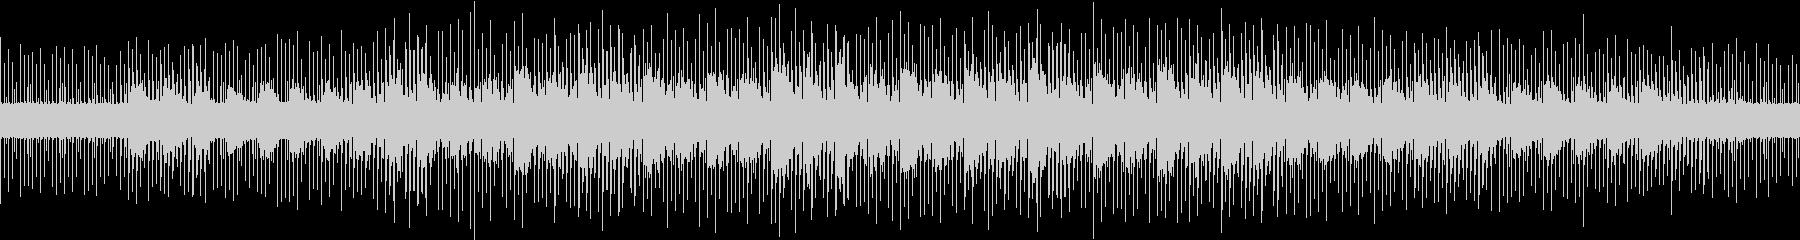 マラソン・ランニング練習用vol.002の未再生の波形